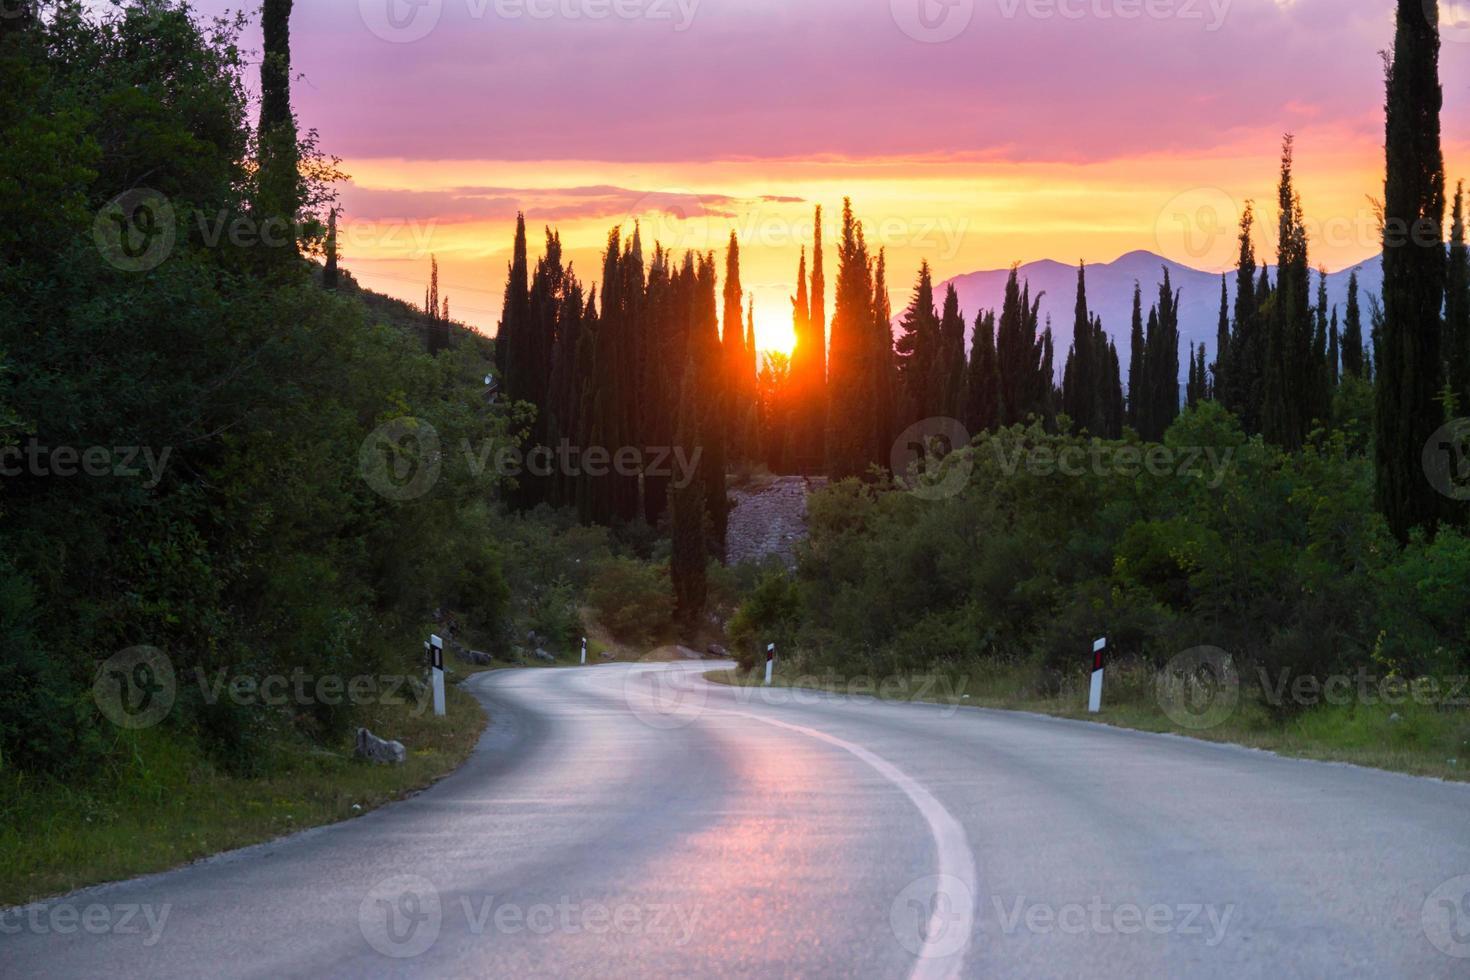 kurvige Straße in einer schönen Landschaft von Hügeln foto